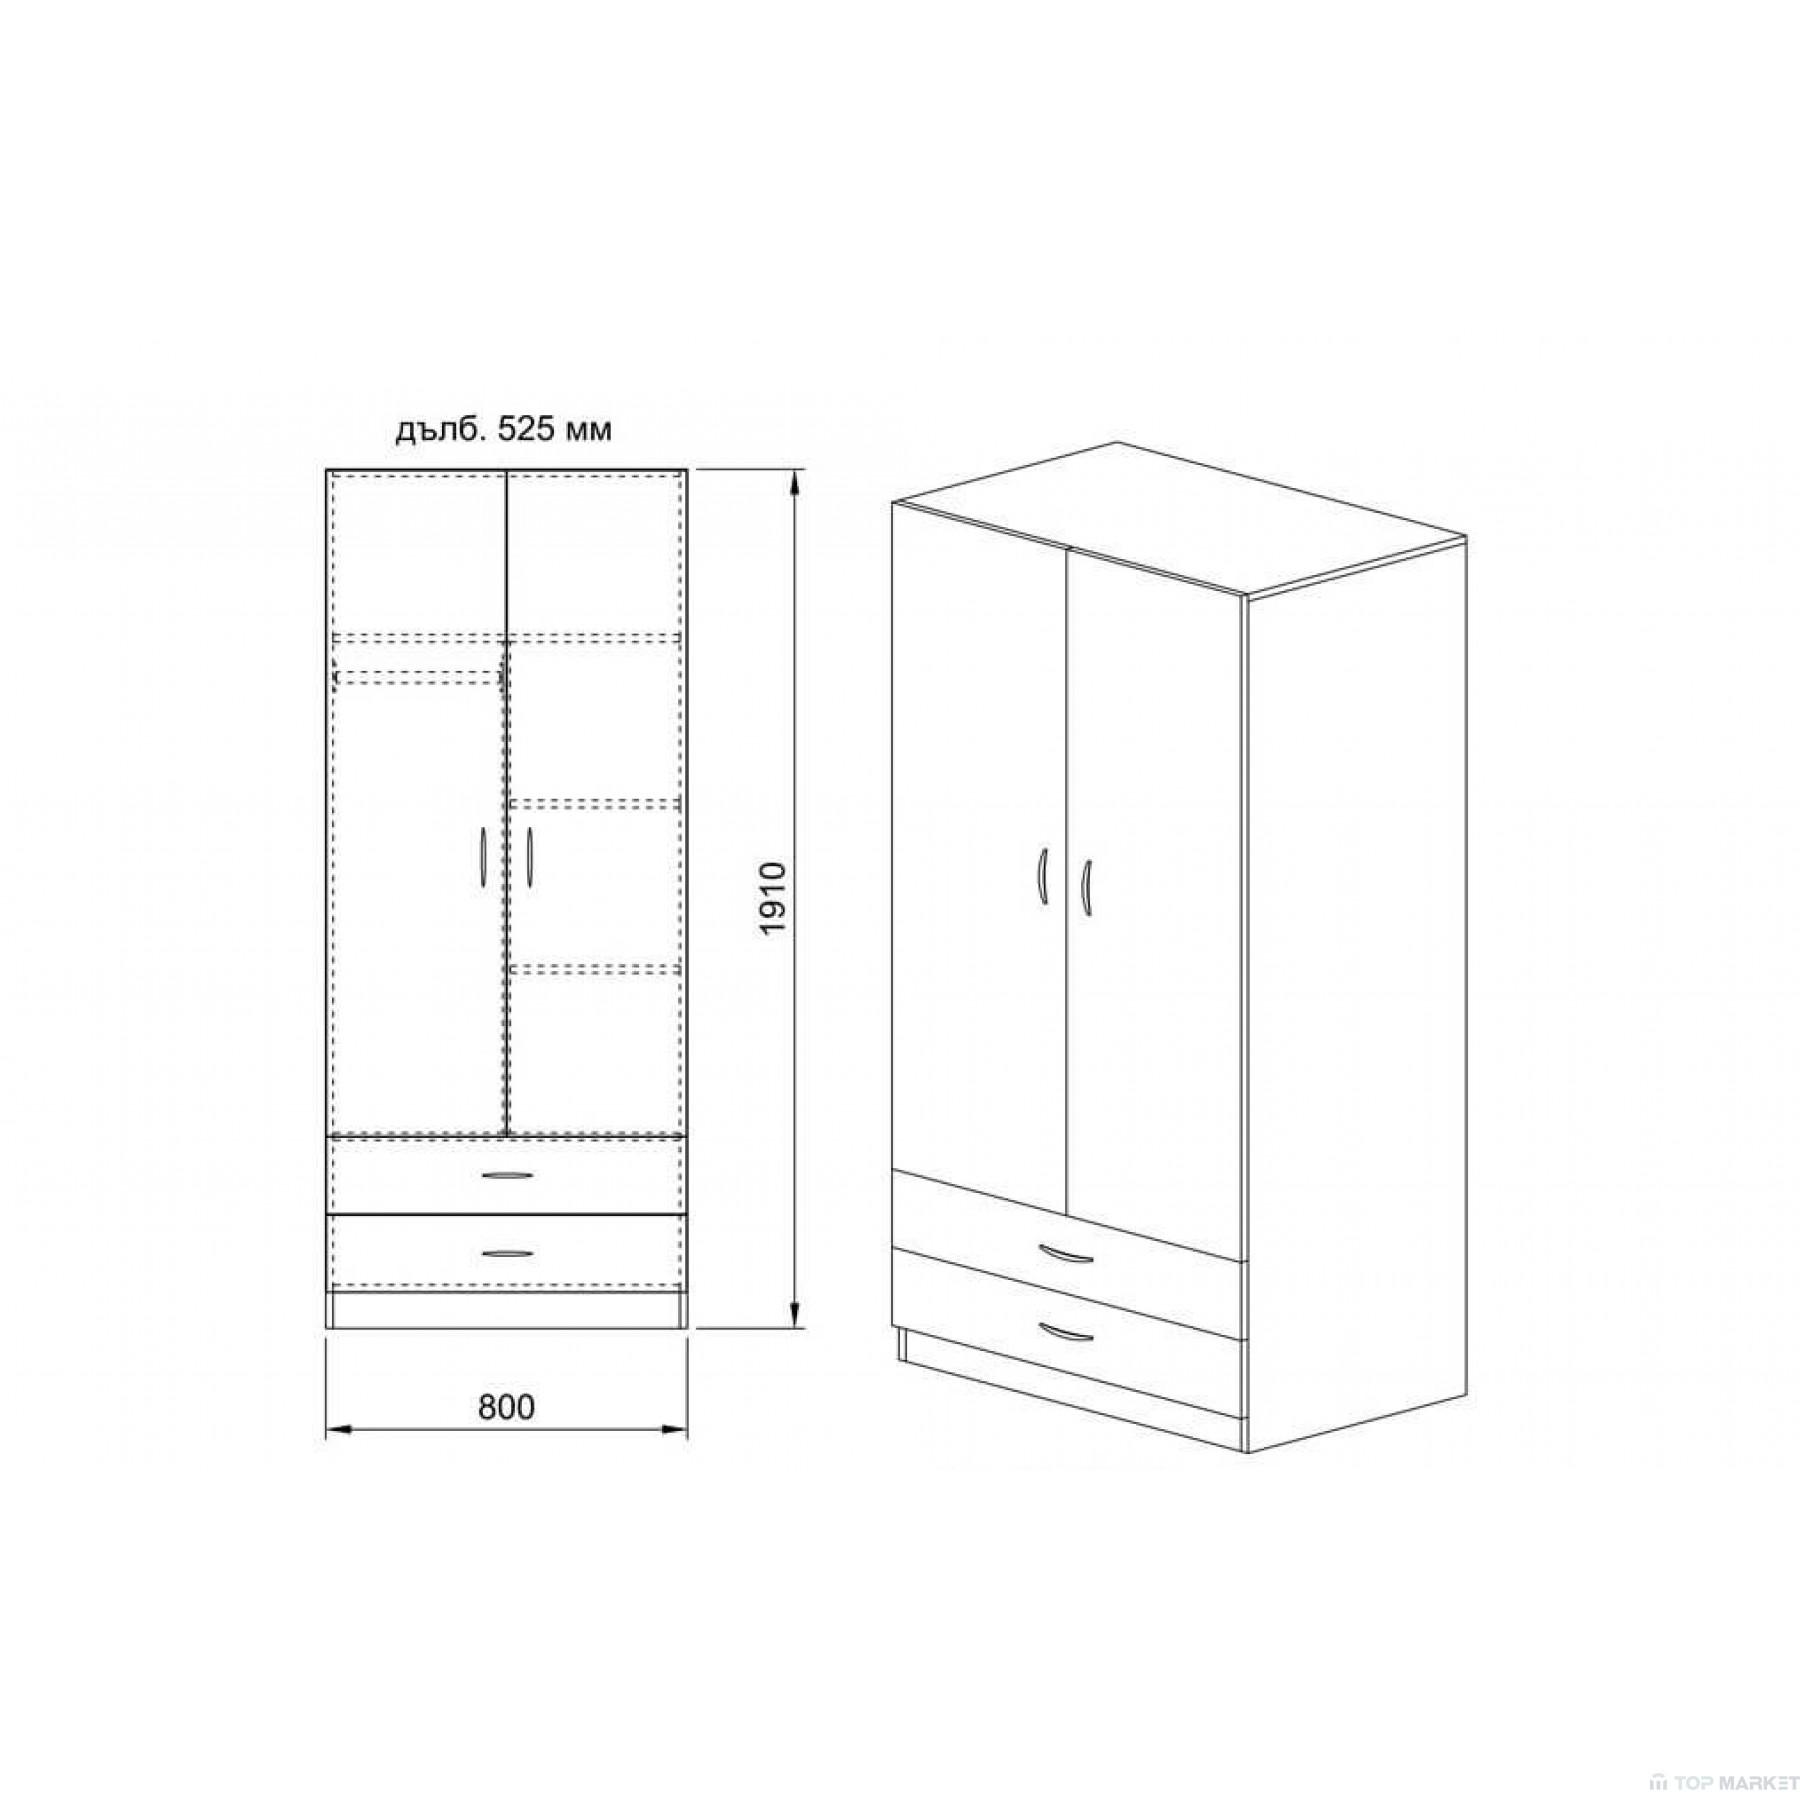 Двукрилен гардероб City 1008